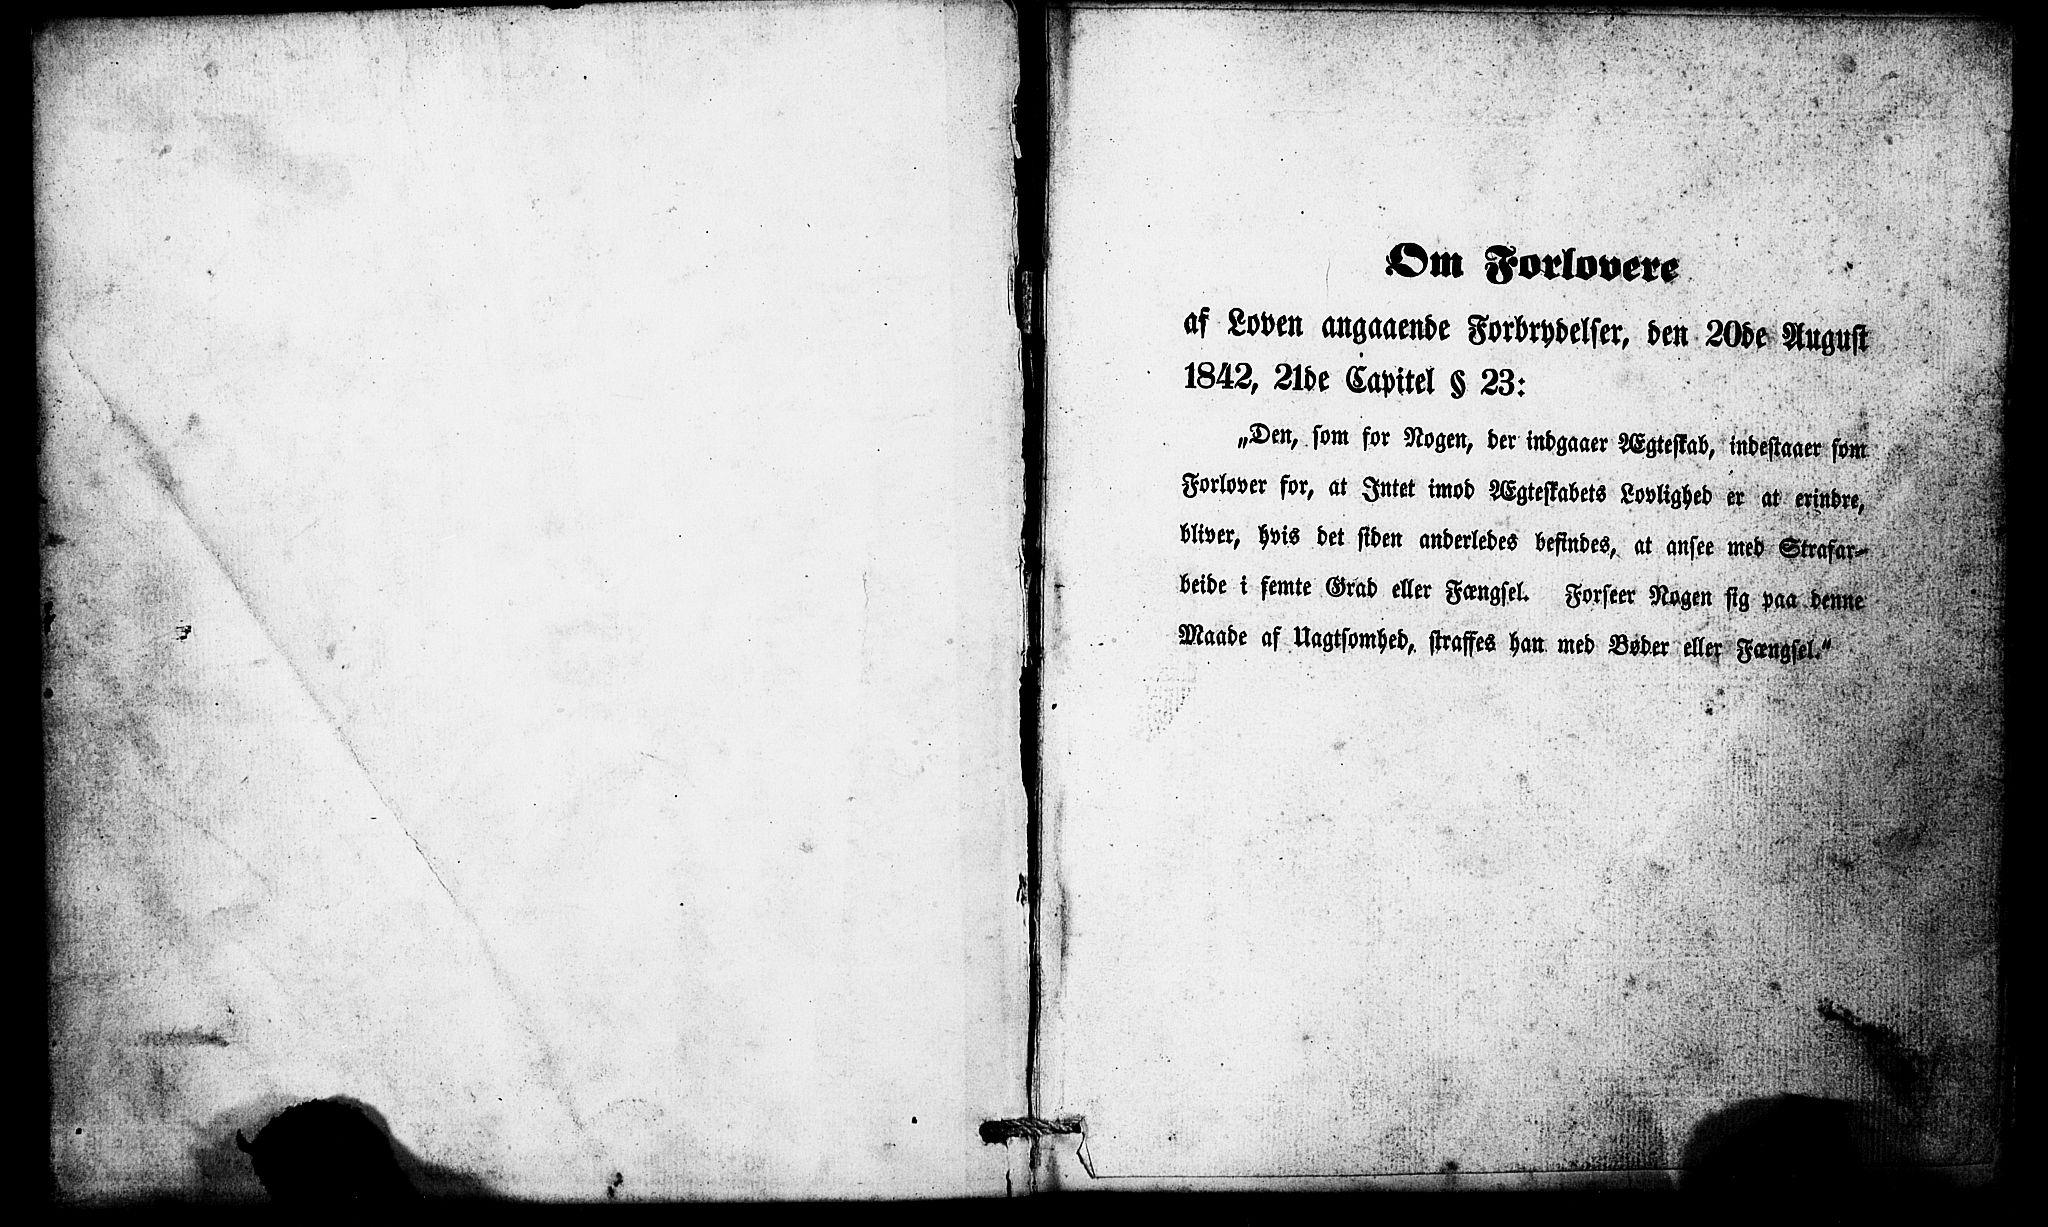 SAB, Domkirken Sokneprestembete, Forlovererklæringer nr. II.5.5, 1857-1863